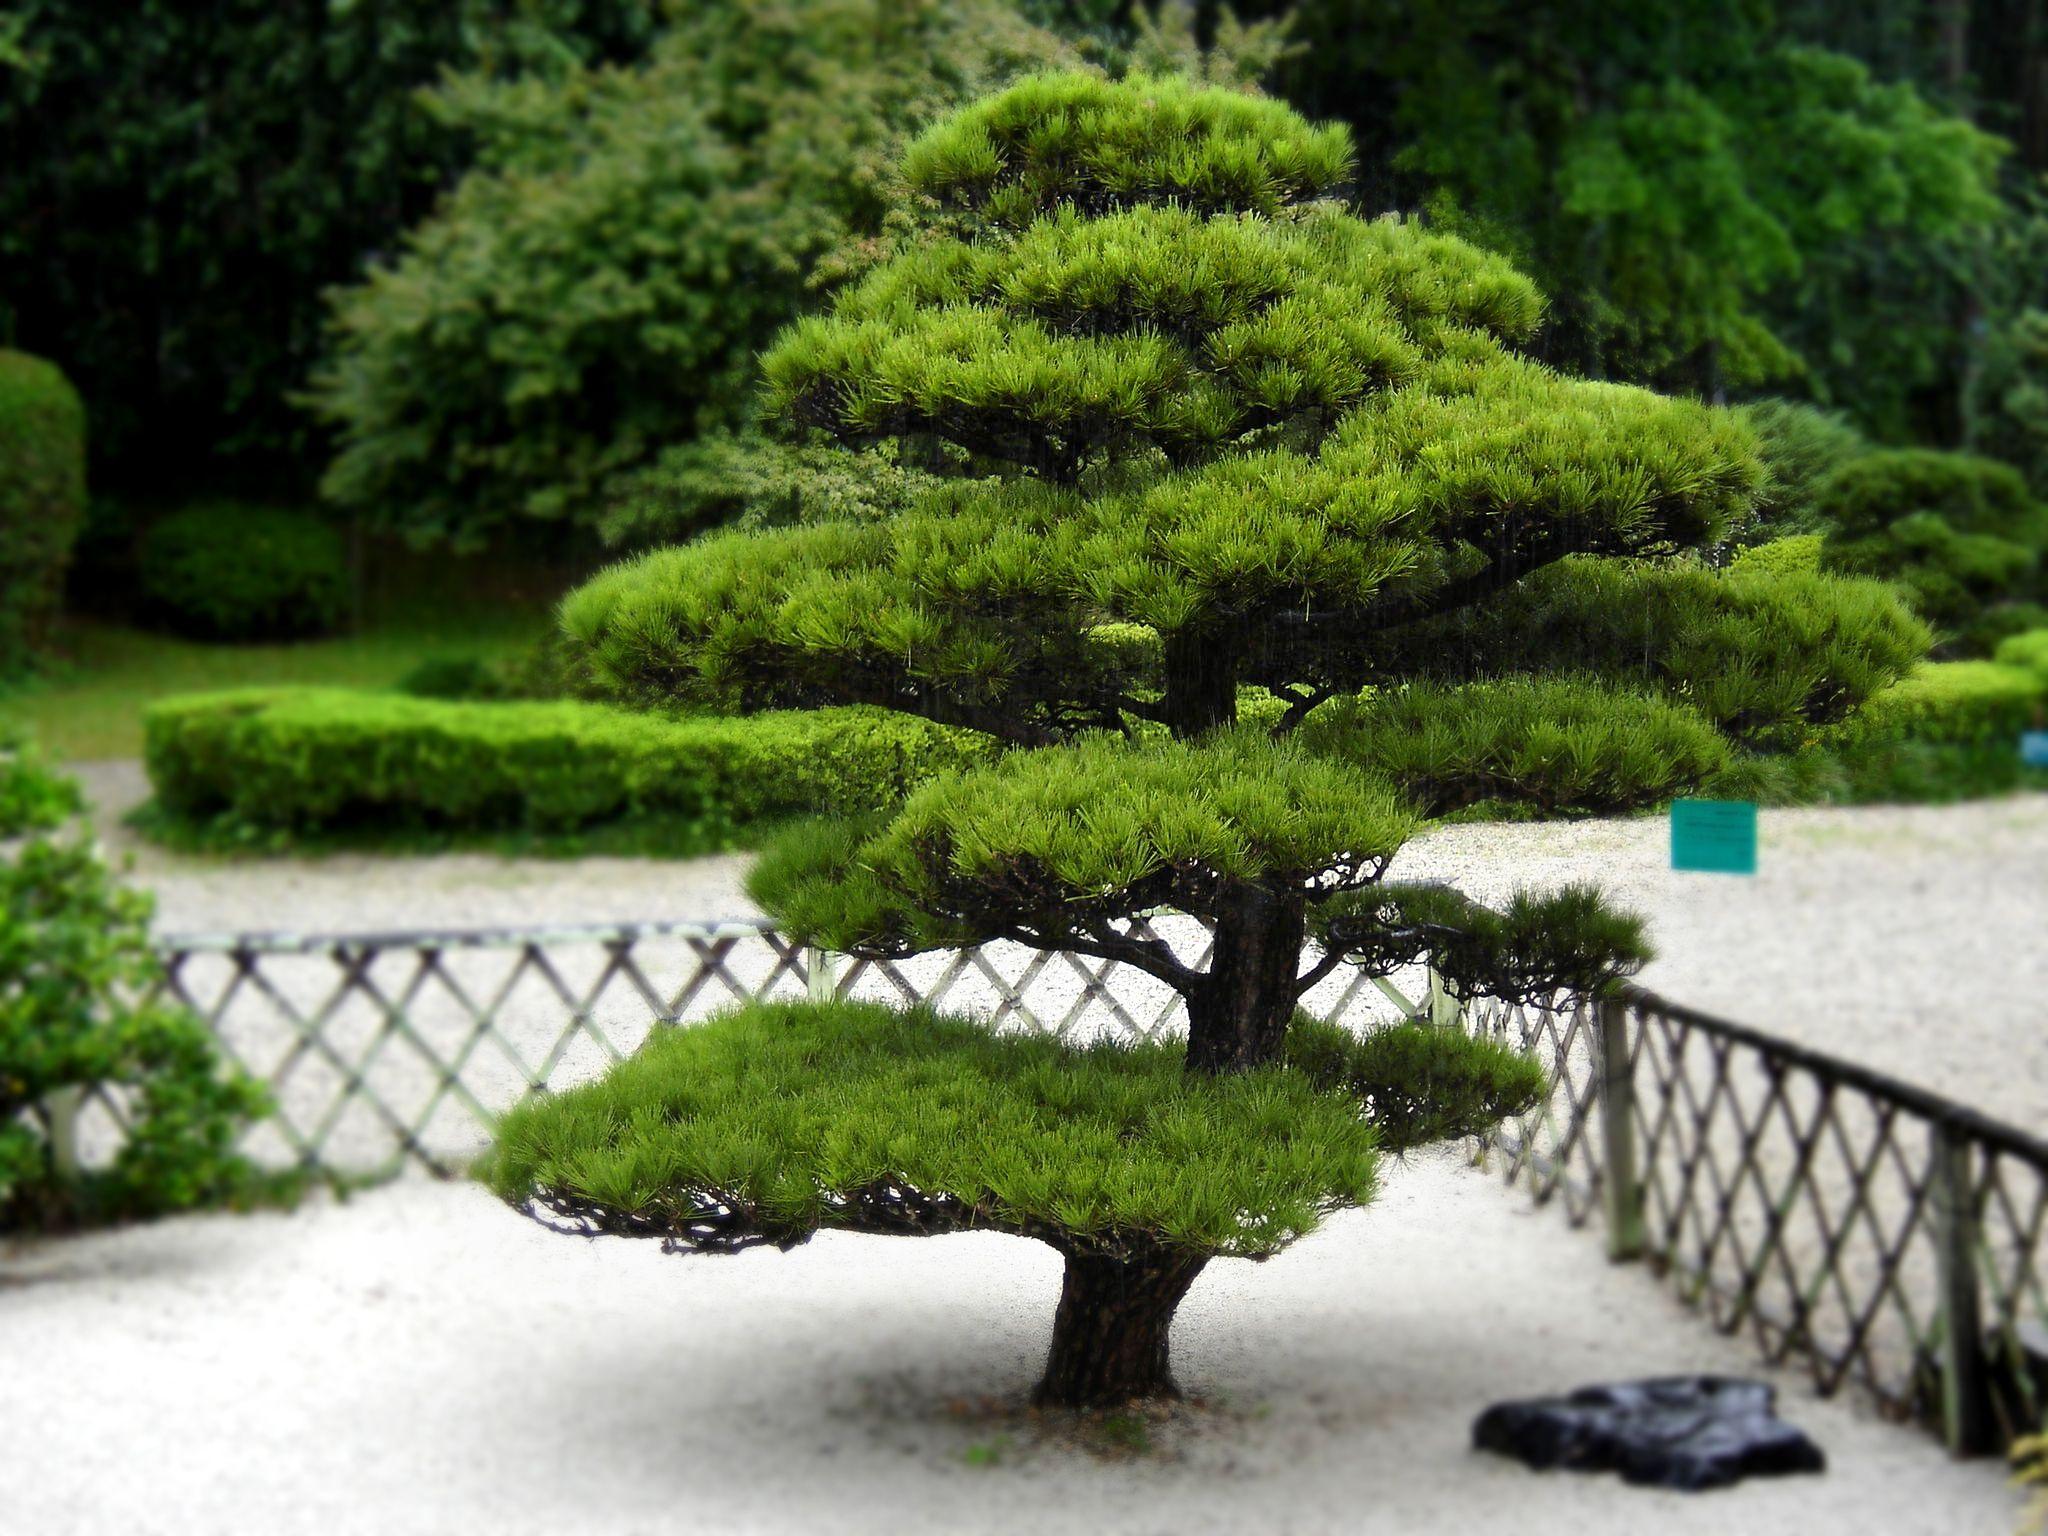 Arbuste Pour Jardin Japonais - Deco Maison Design   Jardin ... serapportantà Arbustes Decoration Jardin